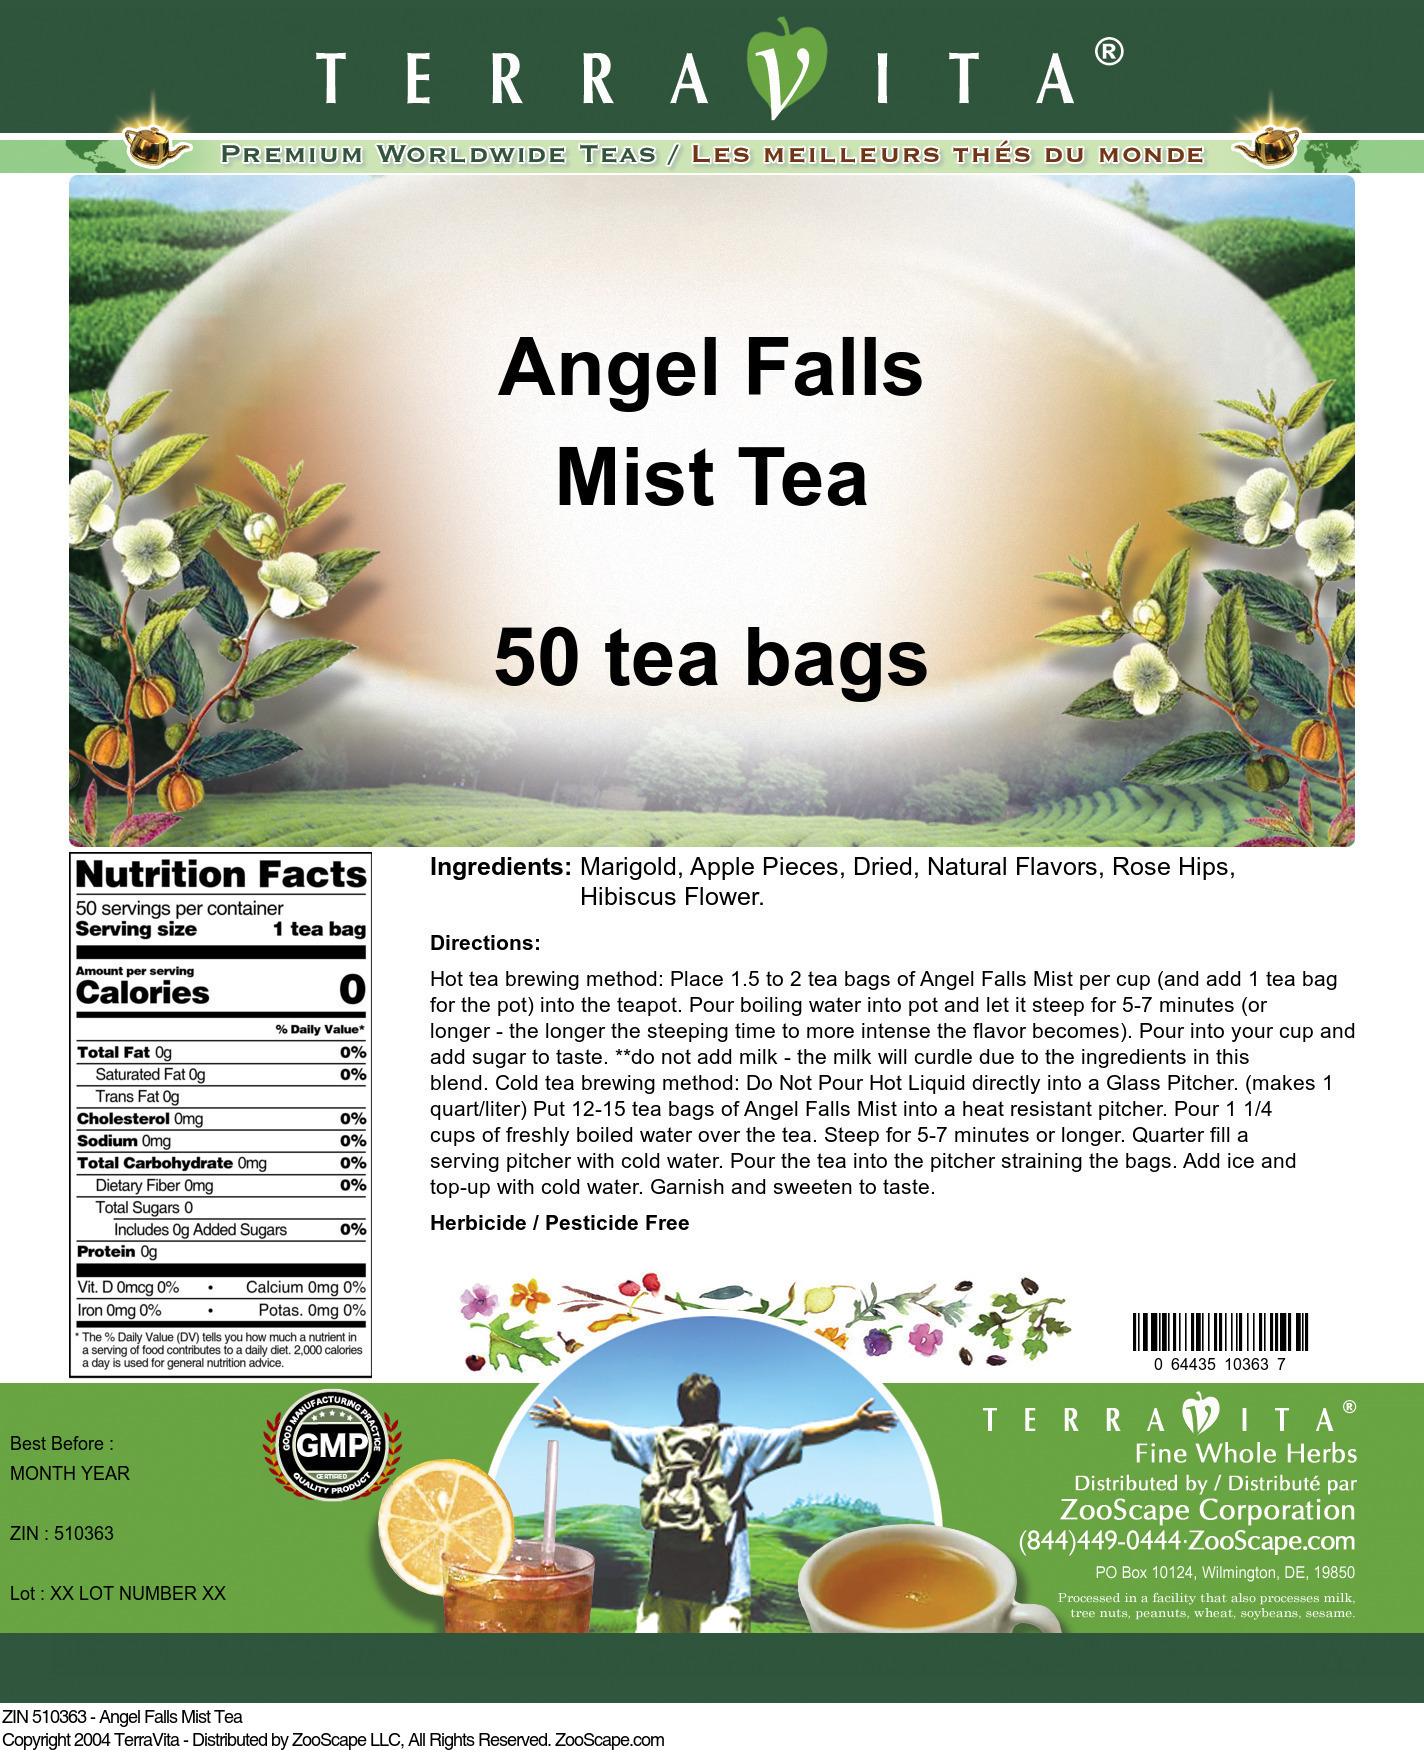 Angel Falls Mist Tea